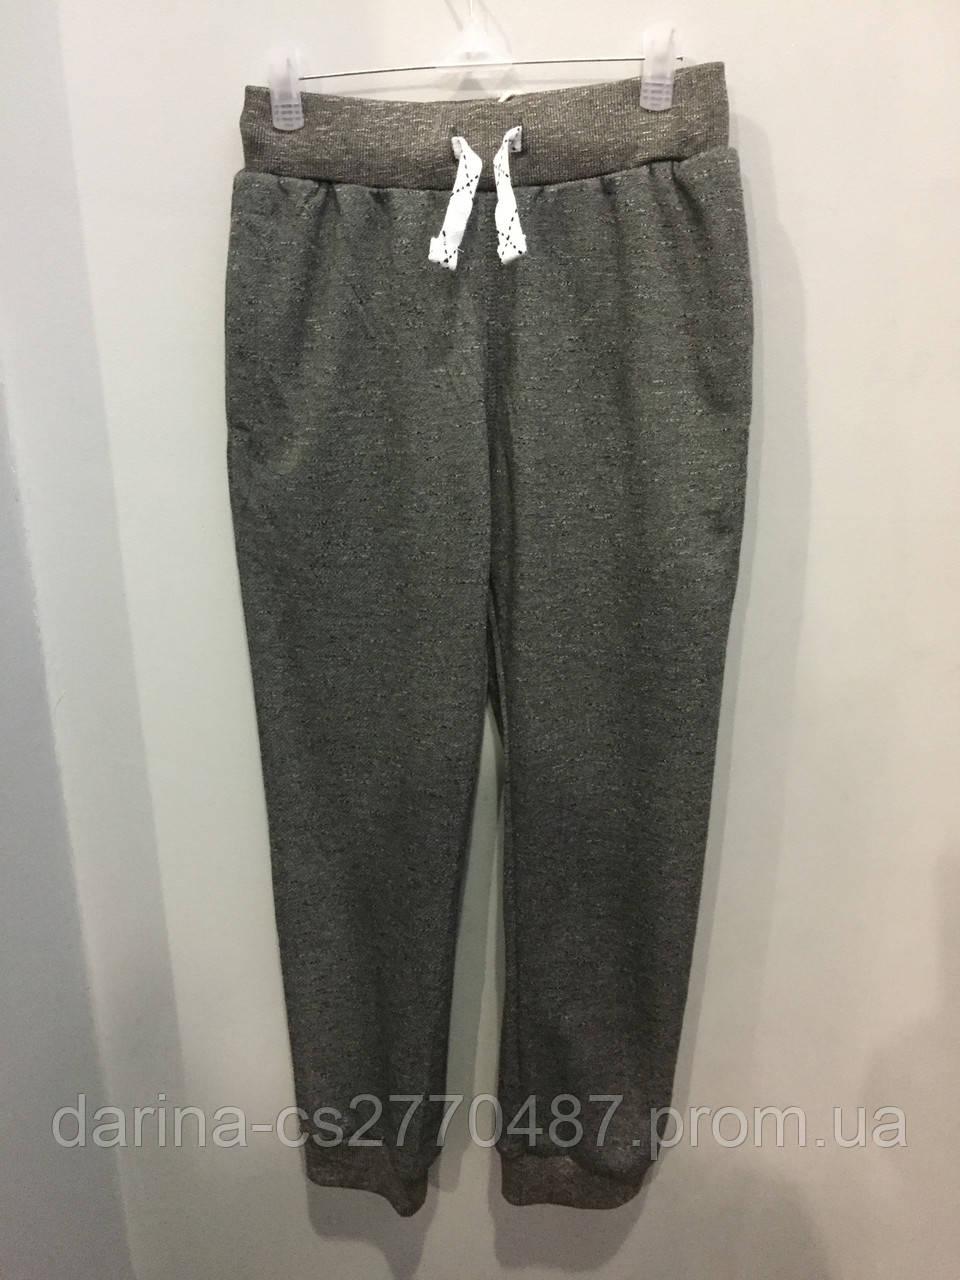 Подростковые спортивные штаны на манжете на мальчика 134,158 см